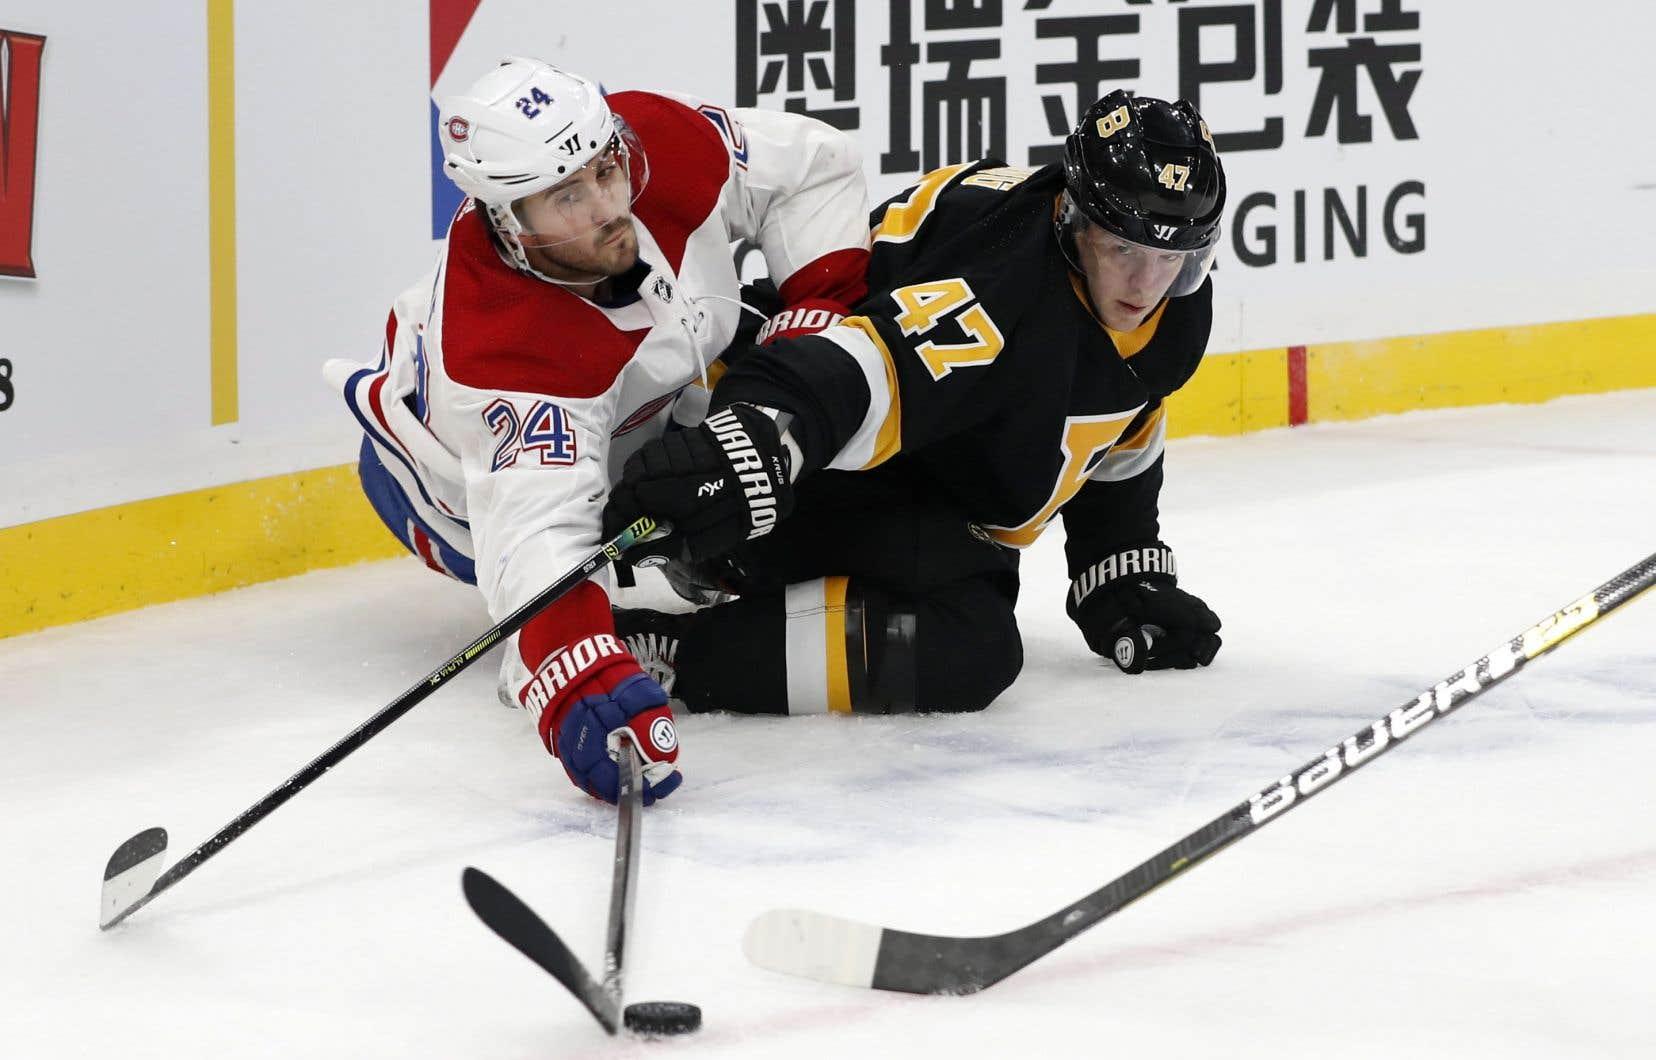 Le Canadien n'a ni réussi à freiner sa séquence de défaites consécutives, ni à se venger de son humiliante défaite de 8-1 contre les Bruins, mardi dernier.